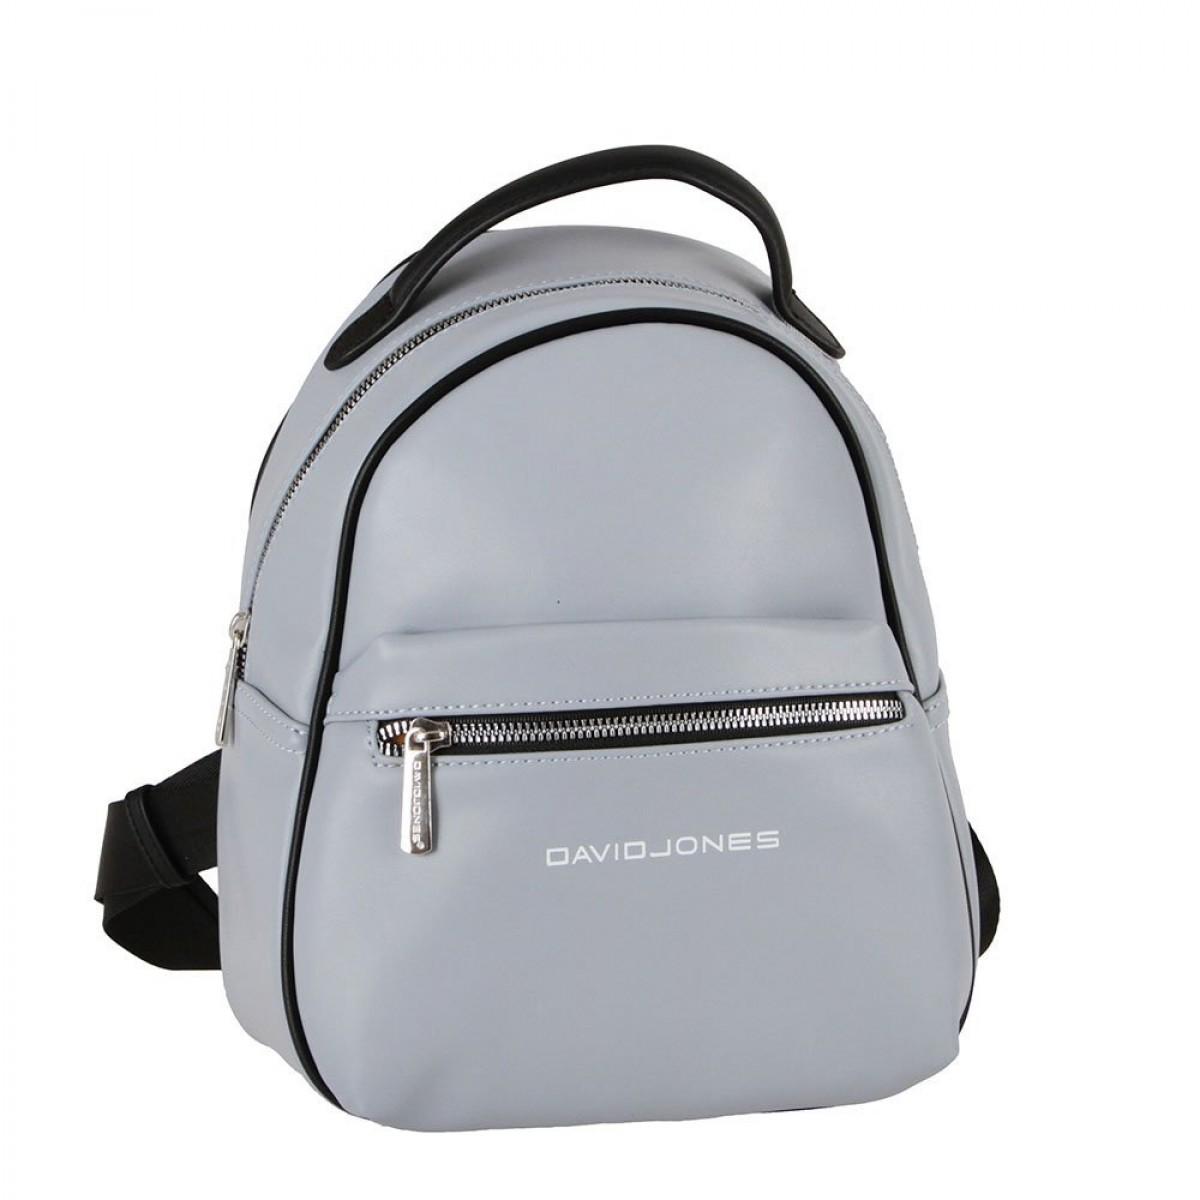 Жіночий рюкзак David Jones 6208-3 PALE BLUE